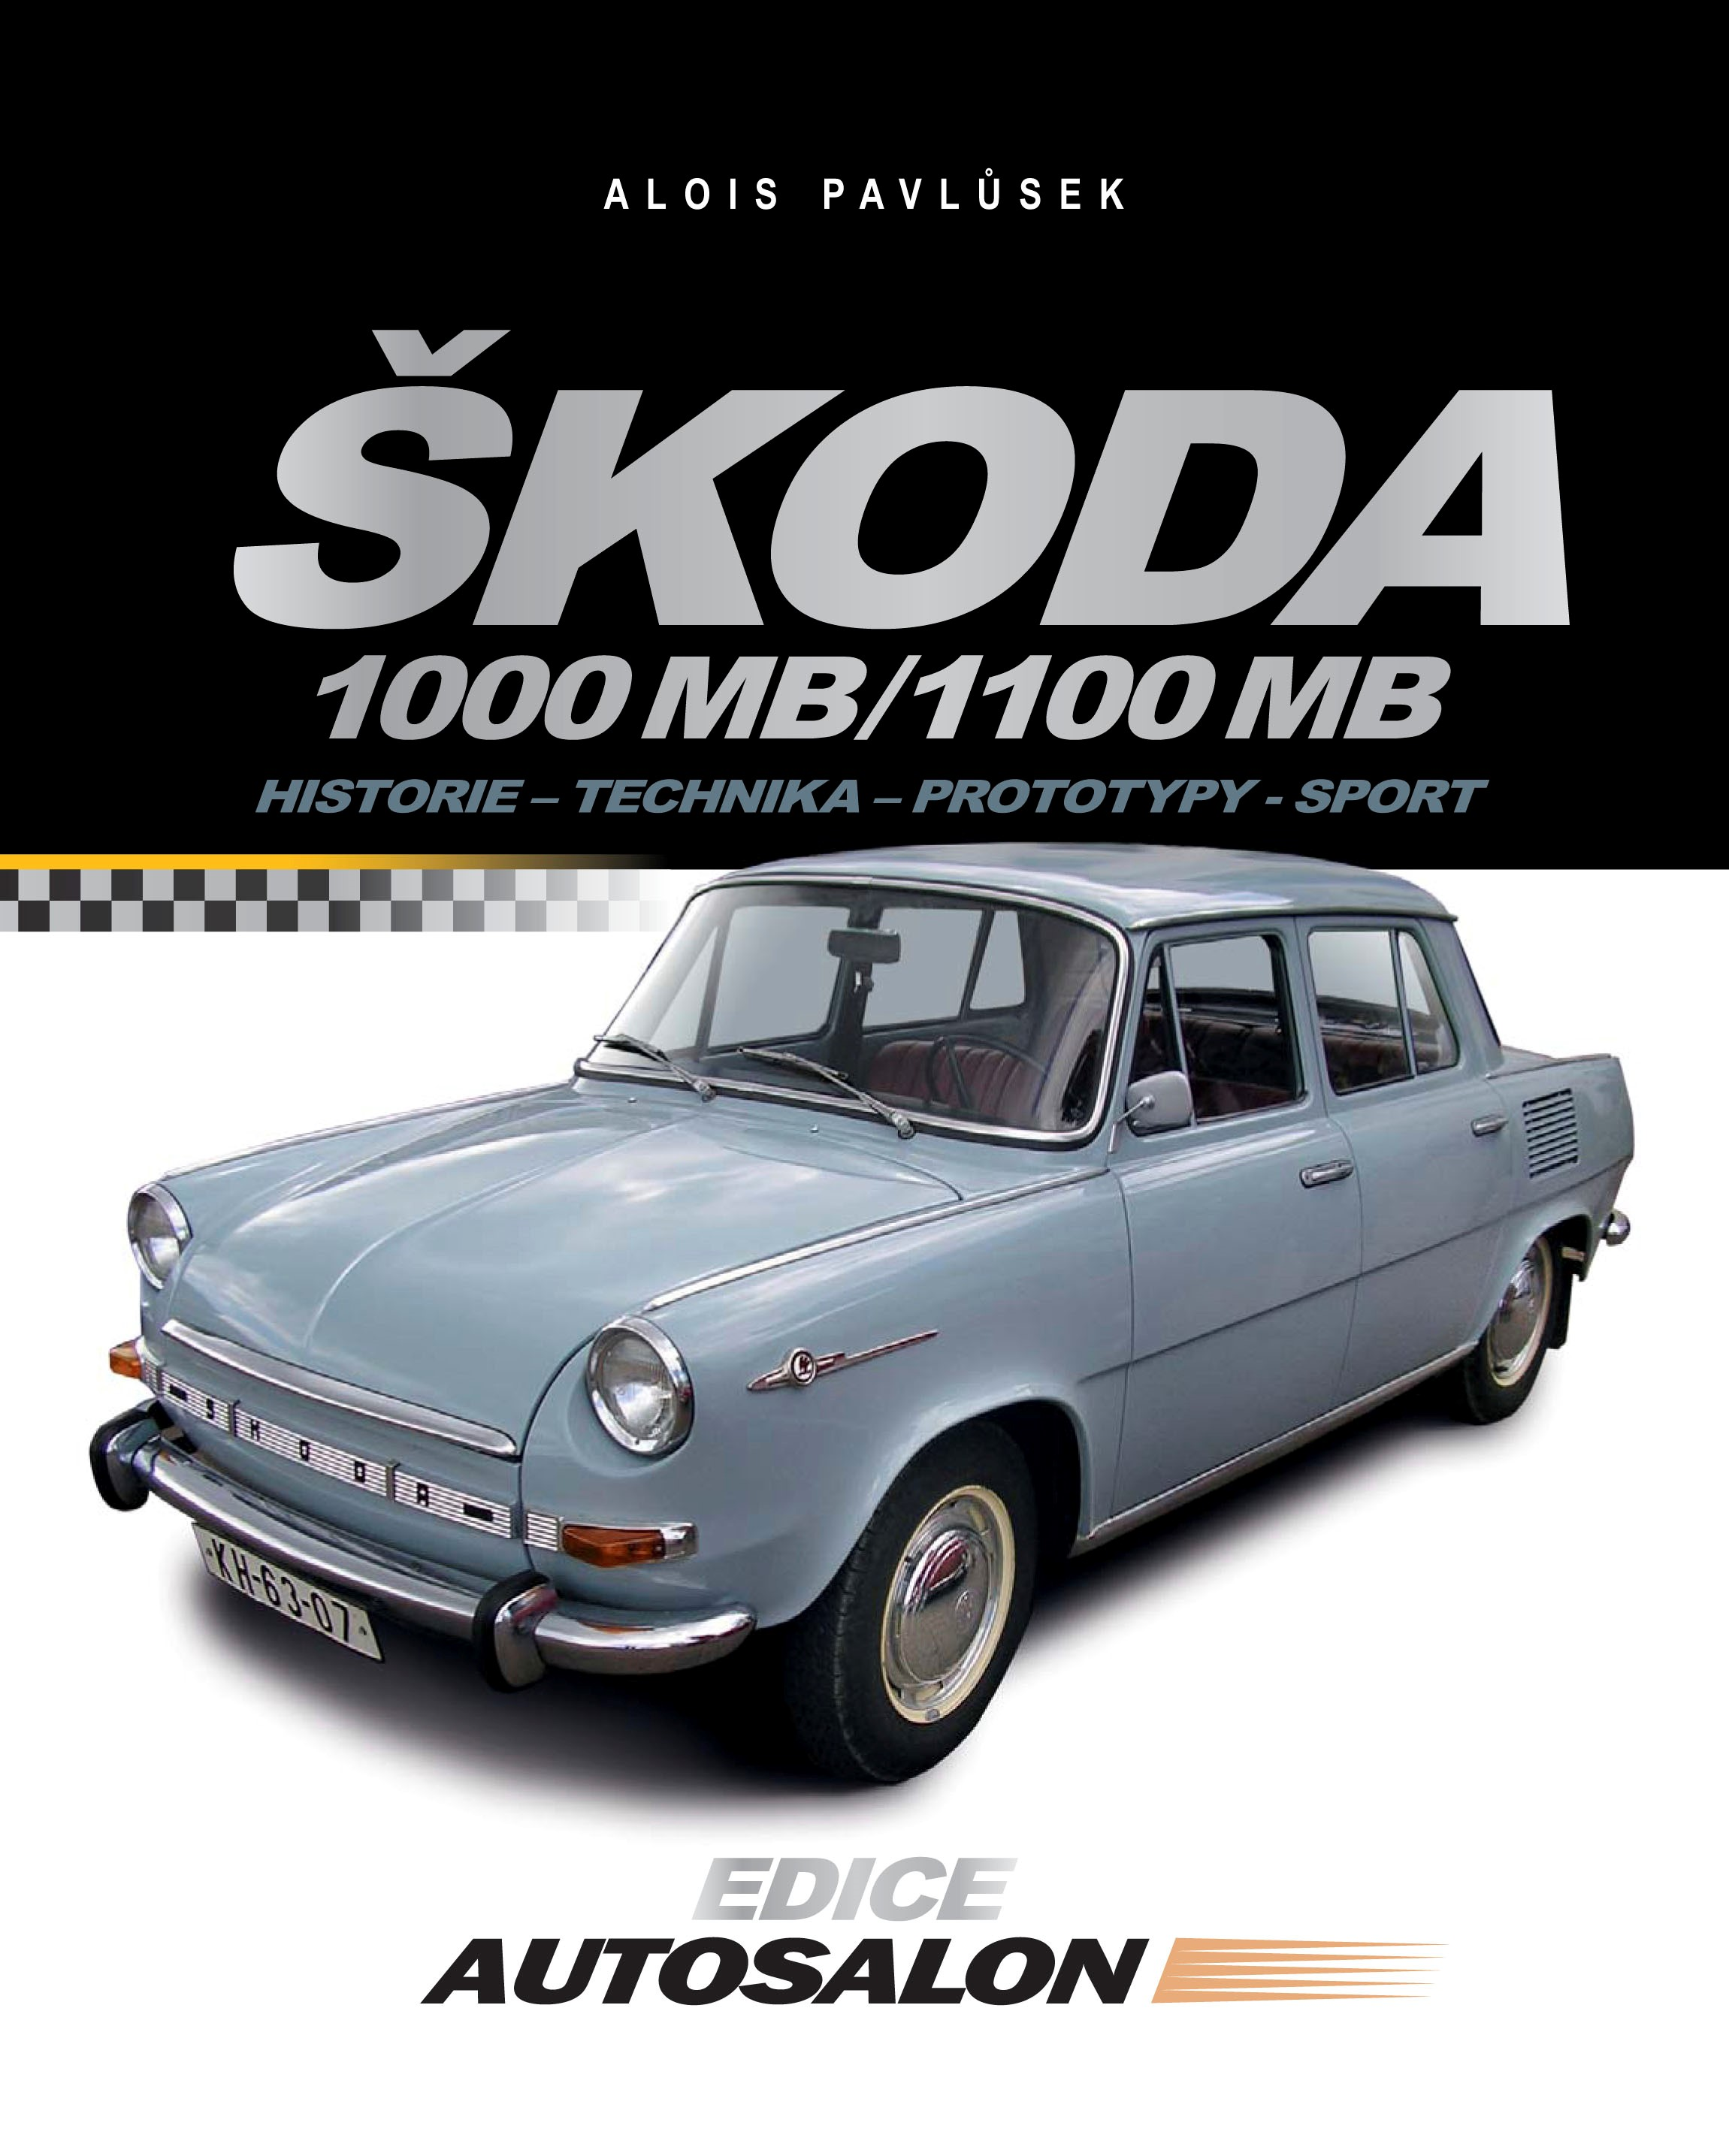 Škoda 1000 MB / 1100 MB